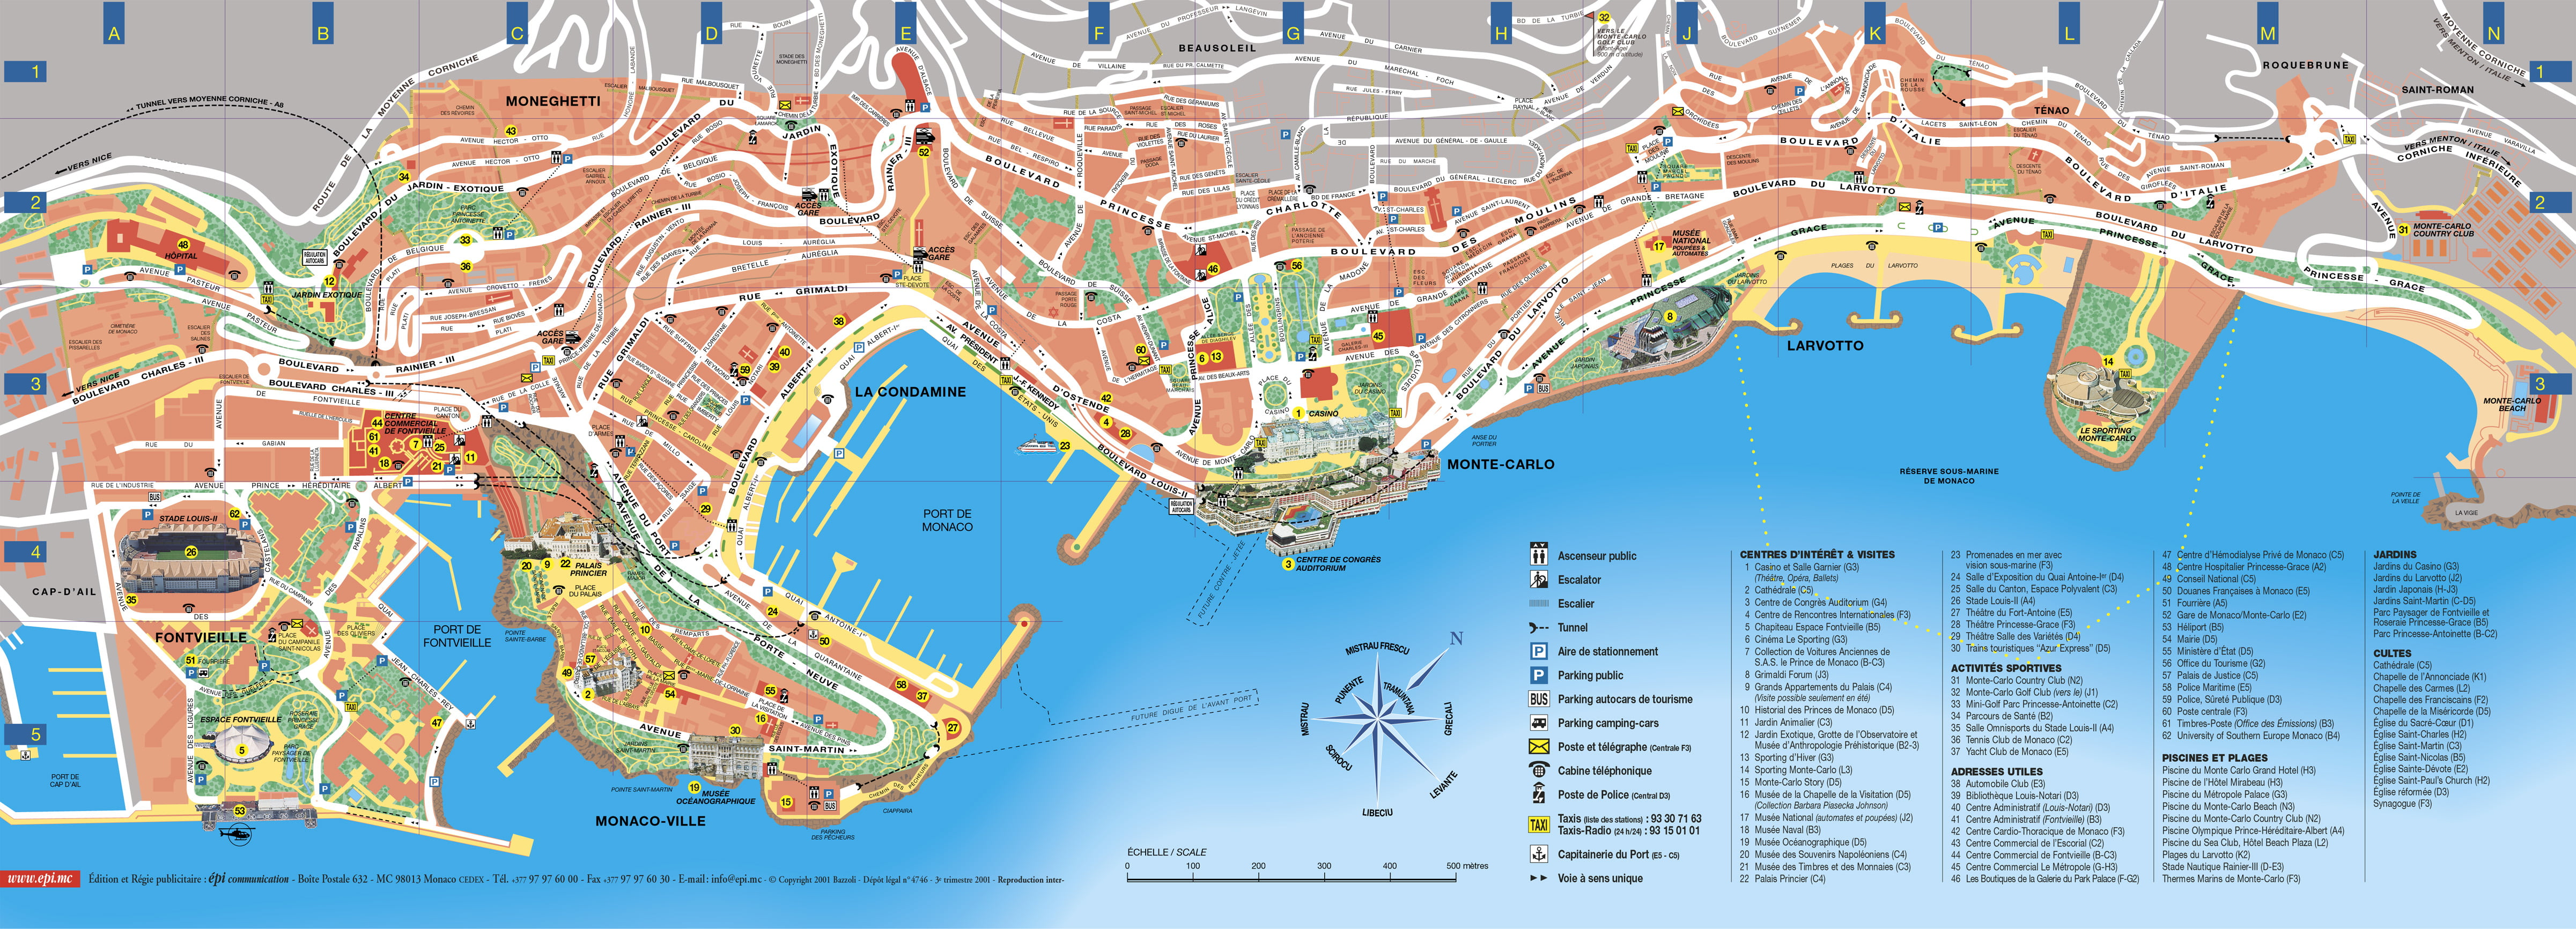 Mapa turístico de Mónaco